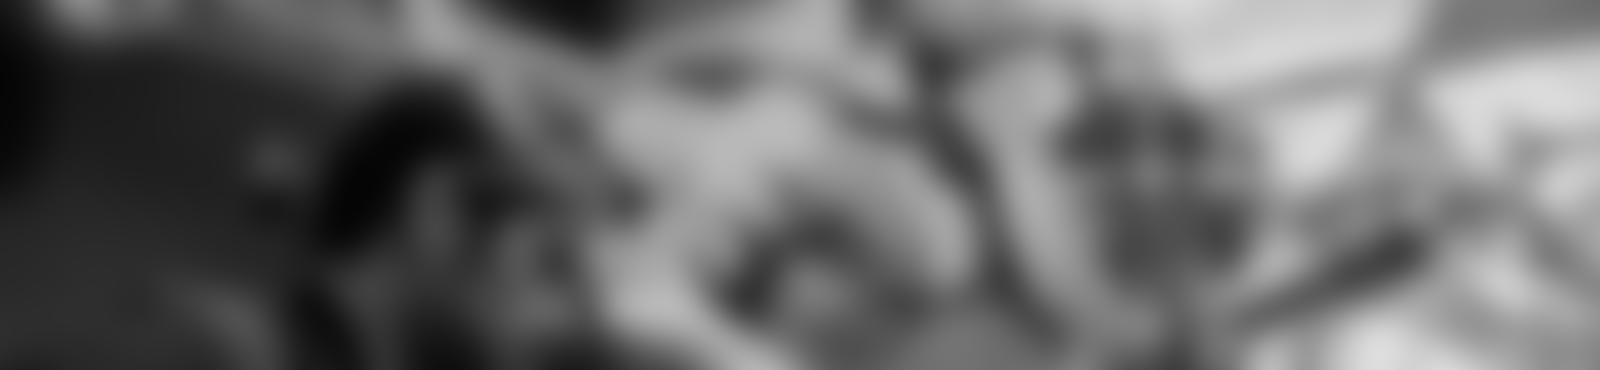 Blurred d9cd3fb6 7297 4356 a49b c7fdb73ba883